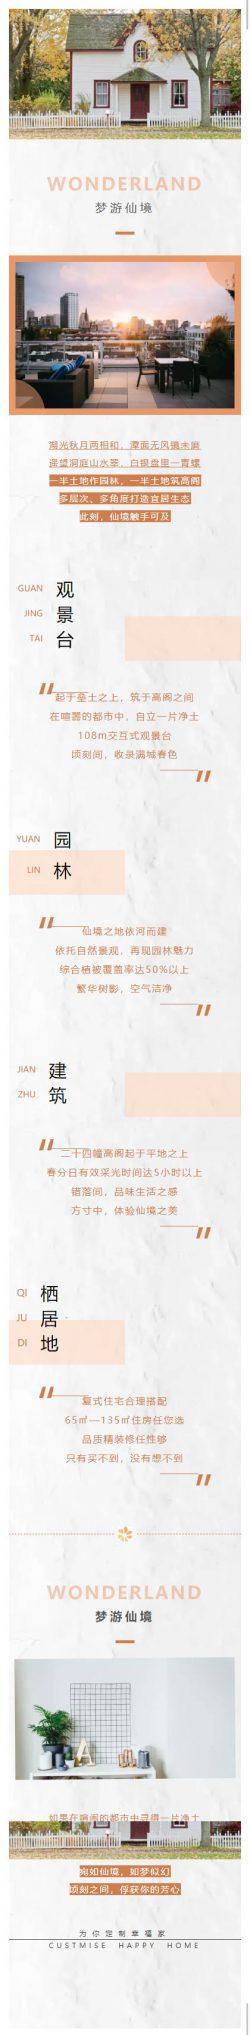 梦游仙境设计风格家居居家设计高端大气高档